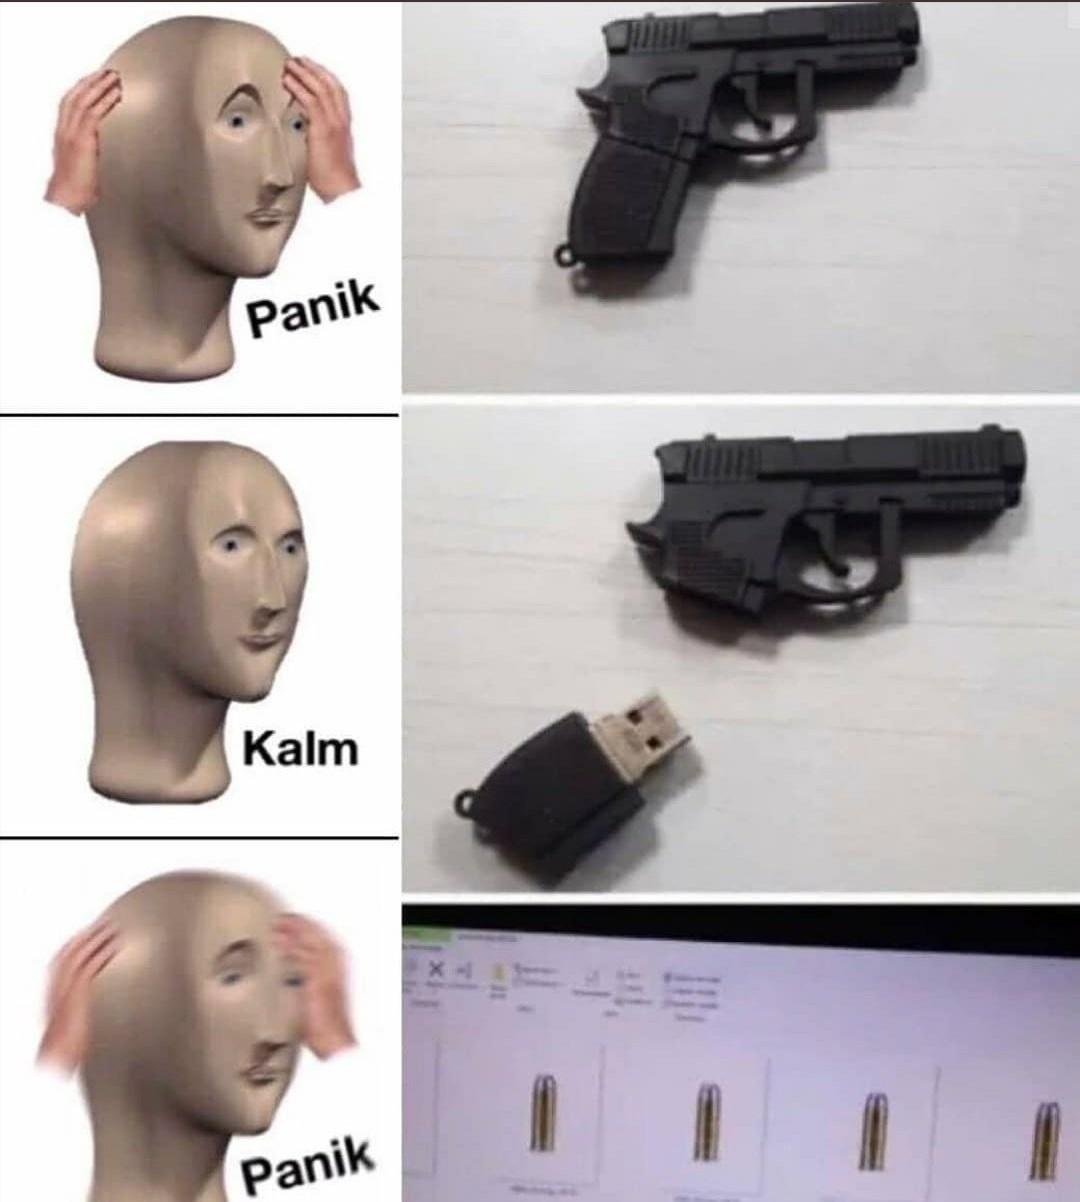 Pendrive estado unidense - meme